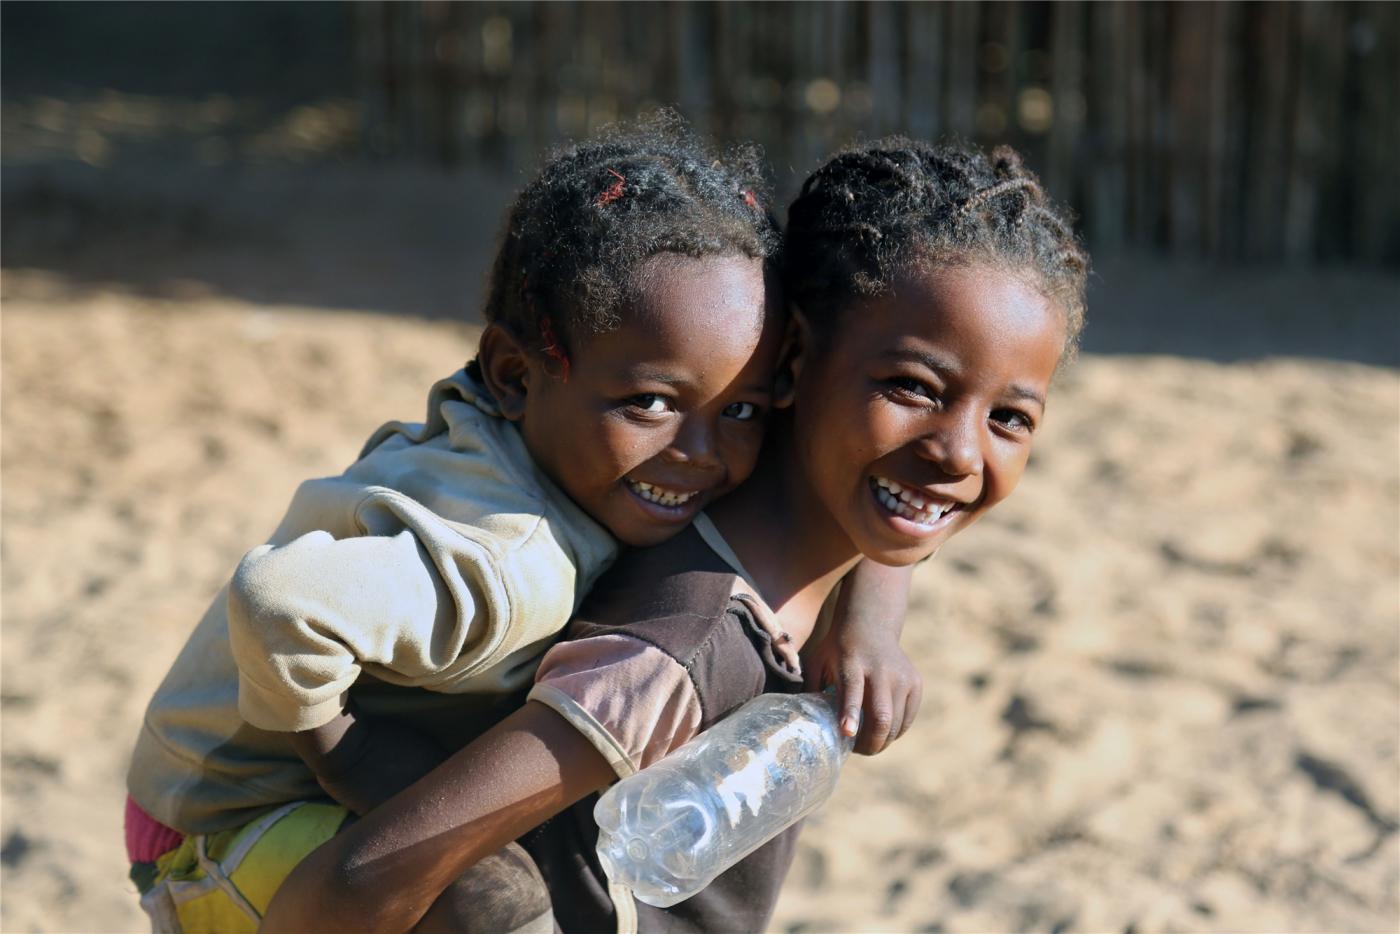 【原创实拍】黑色脸谱  ——行摄南部非洲(人像篇)_图1-37